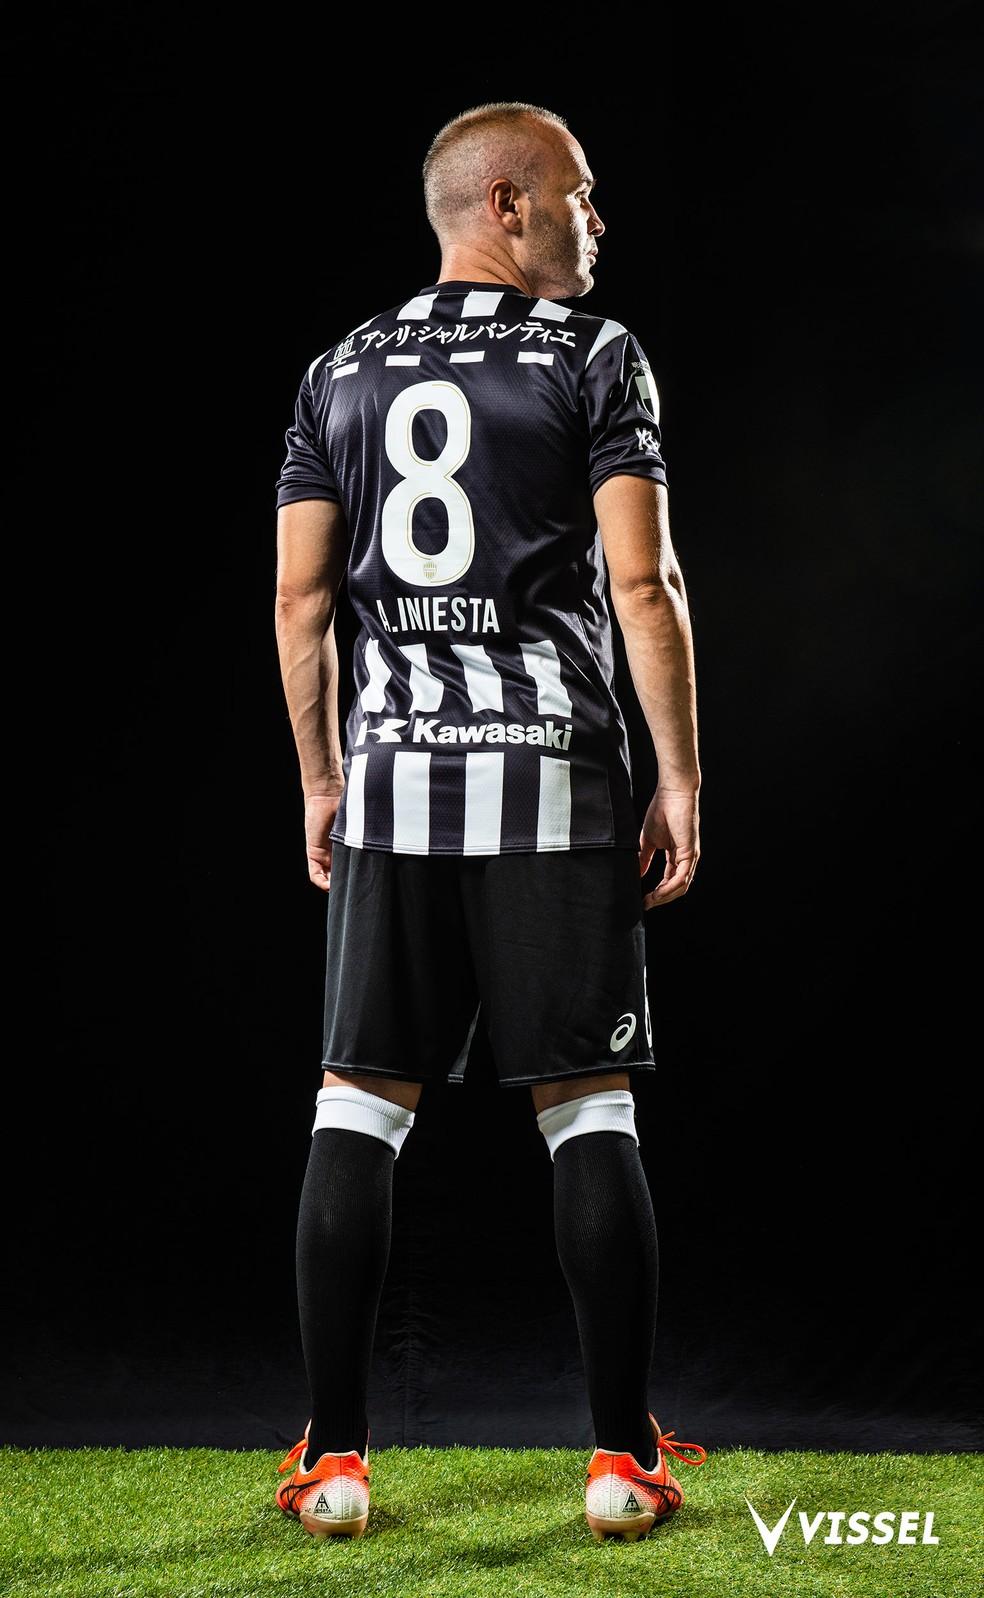 Iniesta posa com o novo uniforme alvinegro do Vissel Kobe — Foto: Divulgação